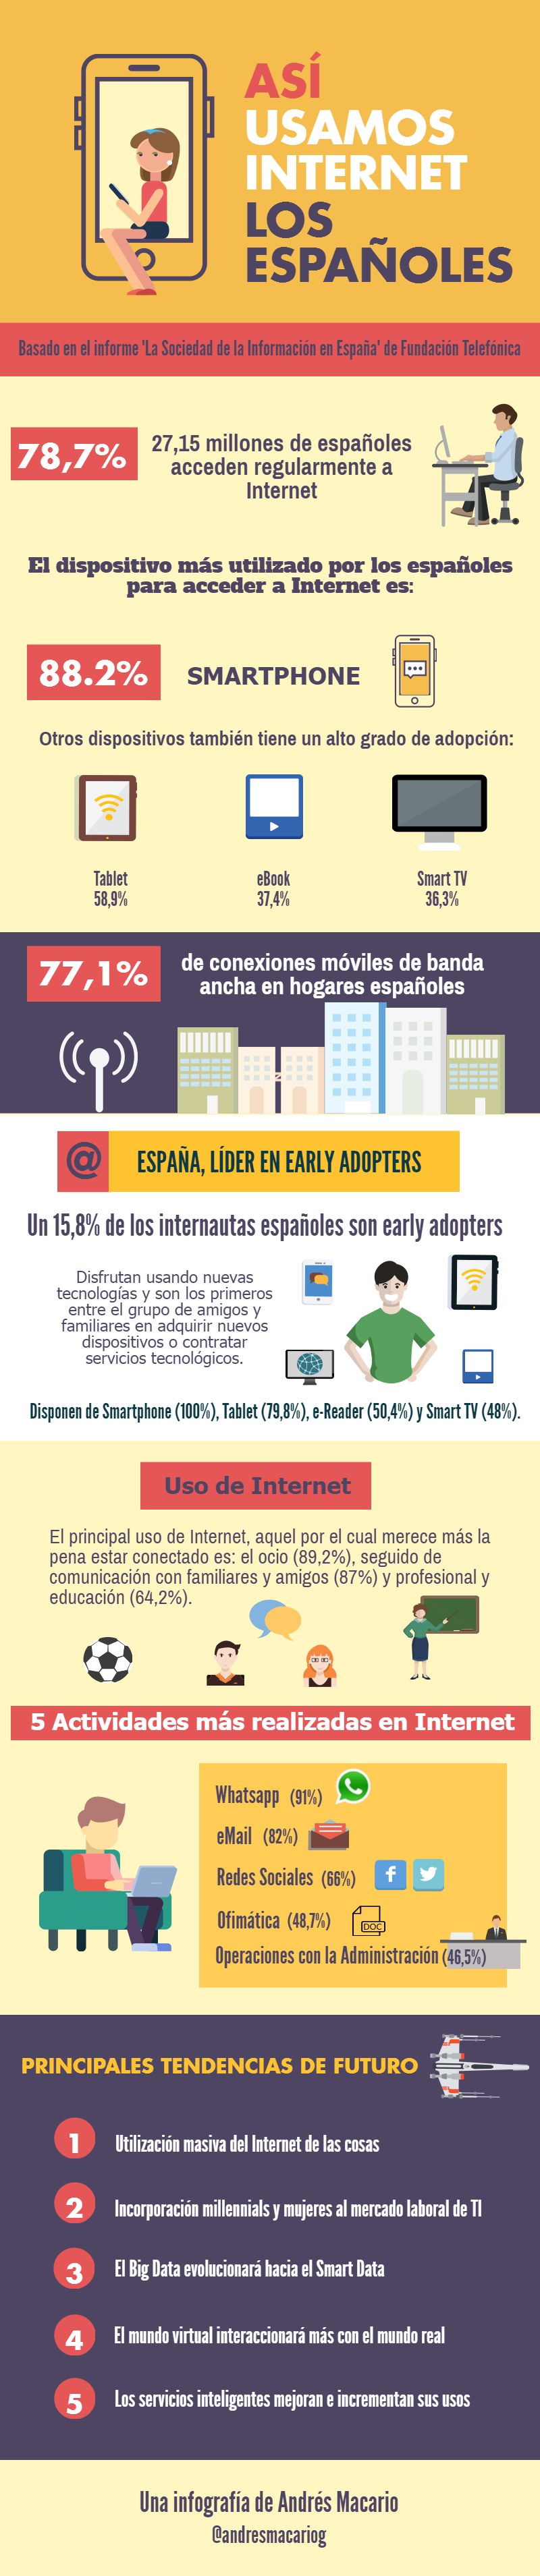 Así usamos Internet los Españoles